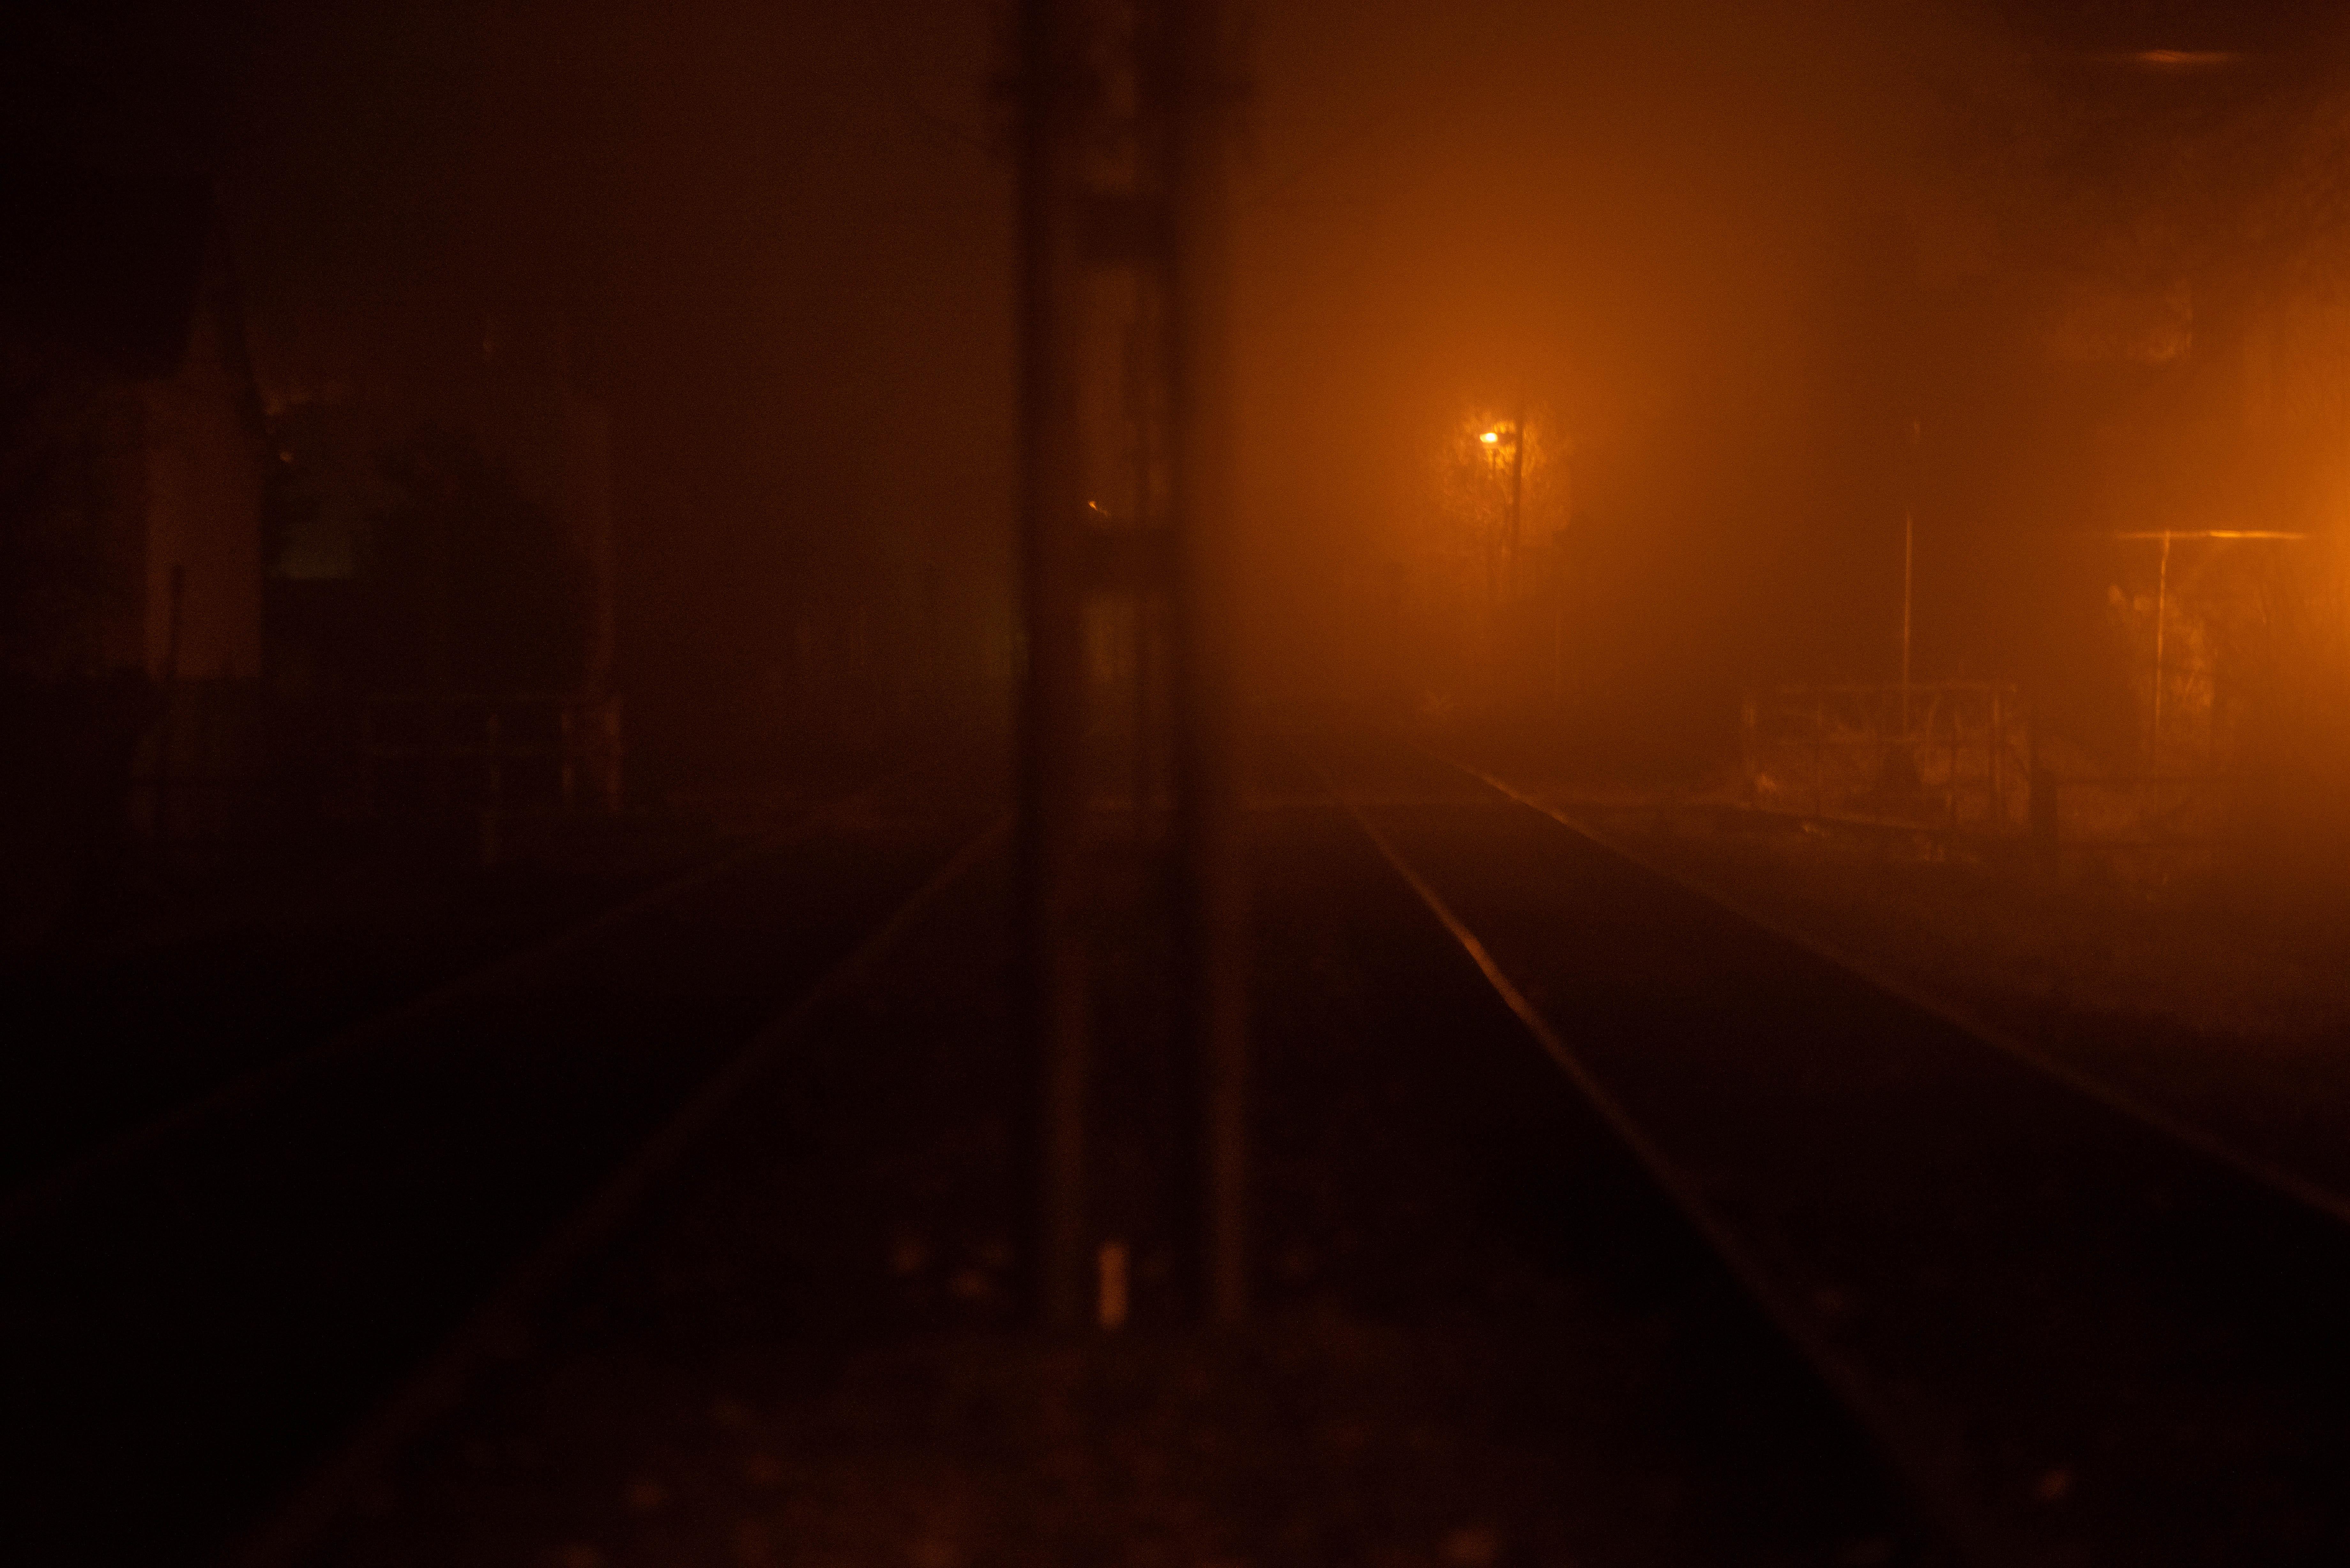 El Servicio Meteorológico previó que la neblina continuará durante las primeras horas del domingo